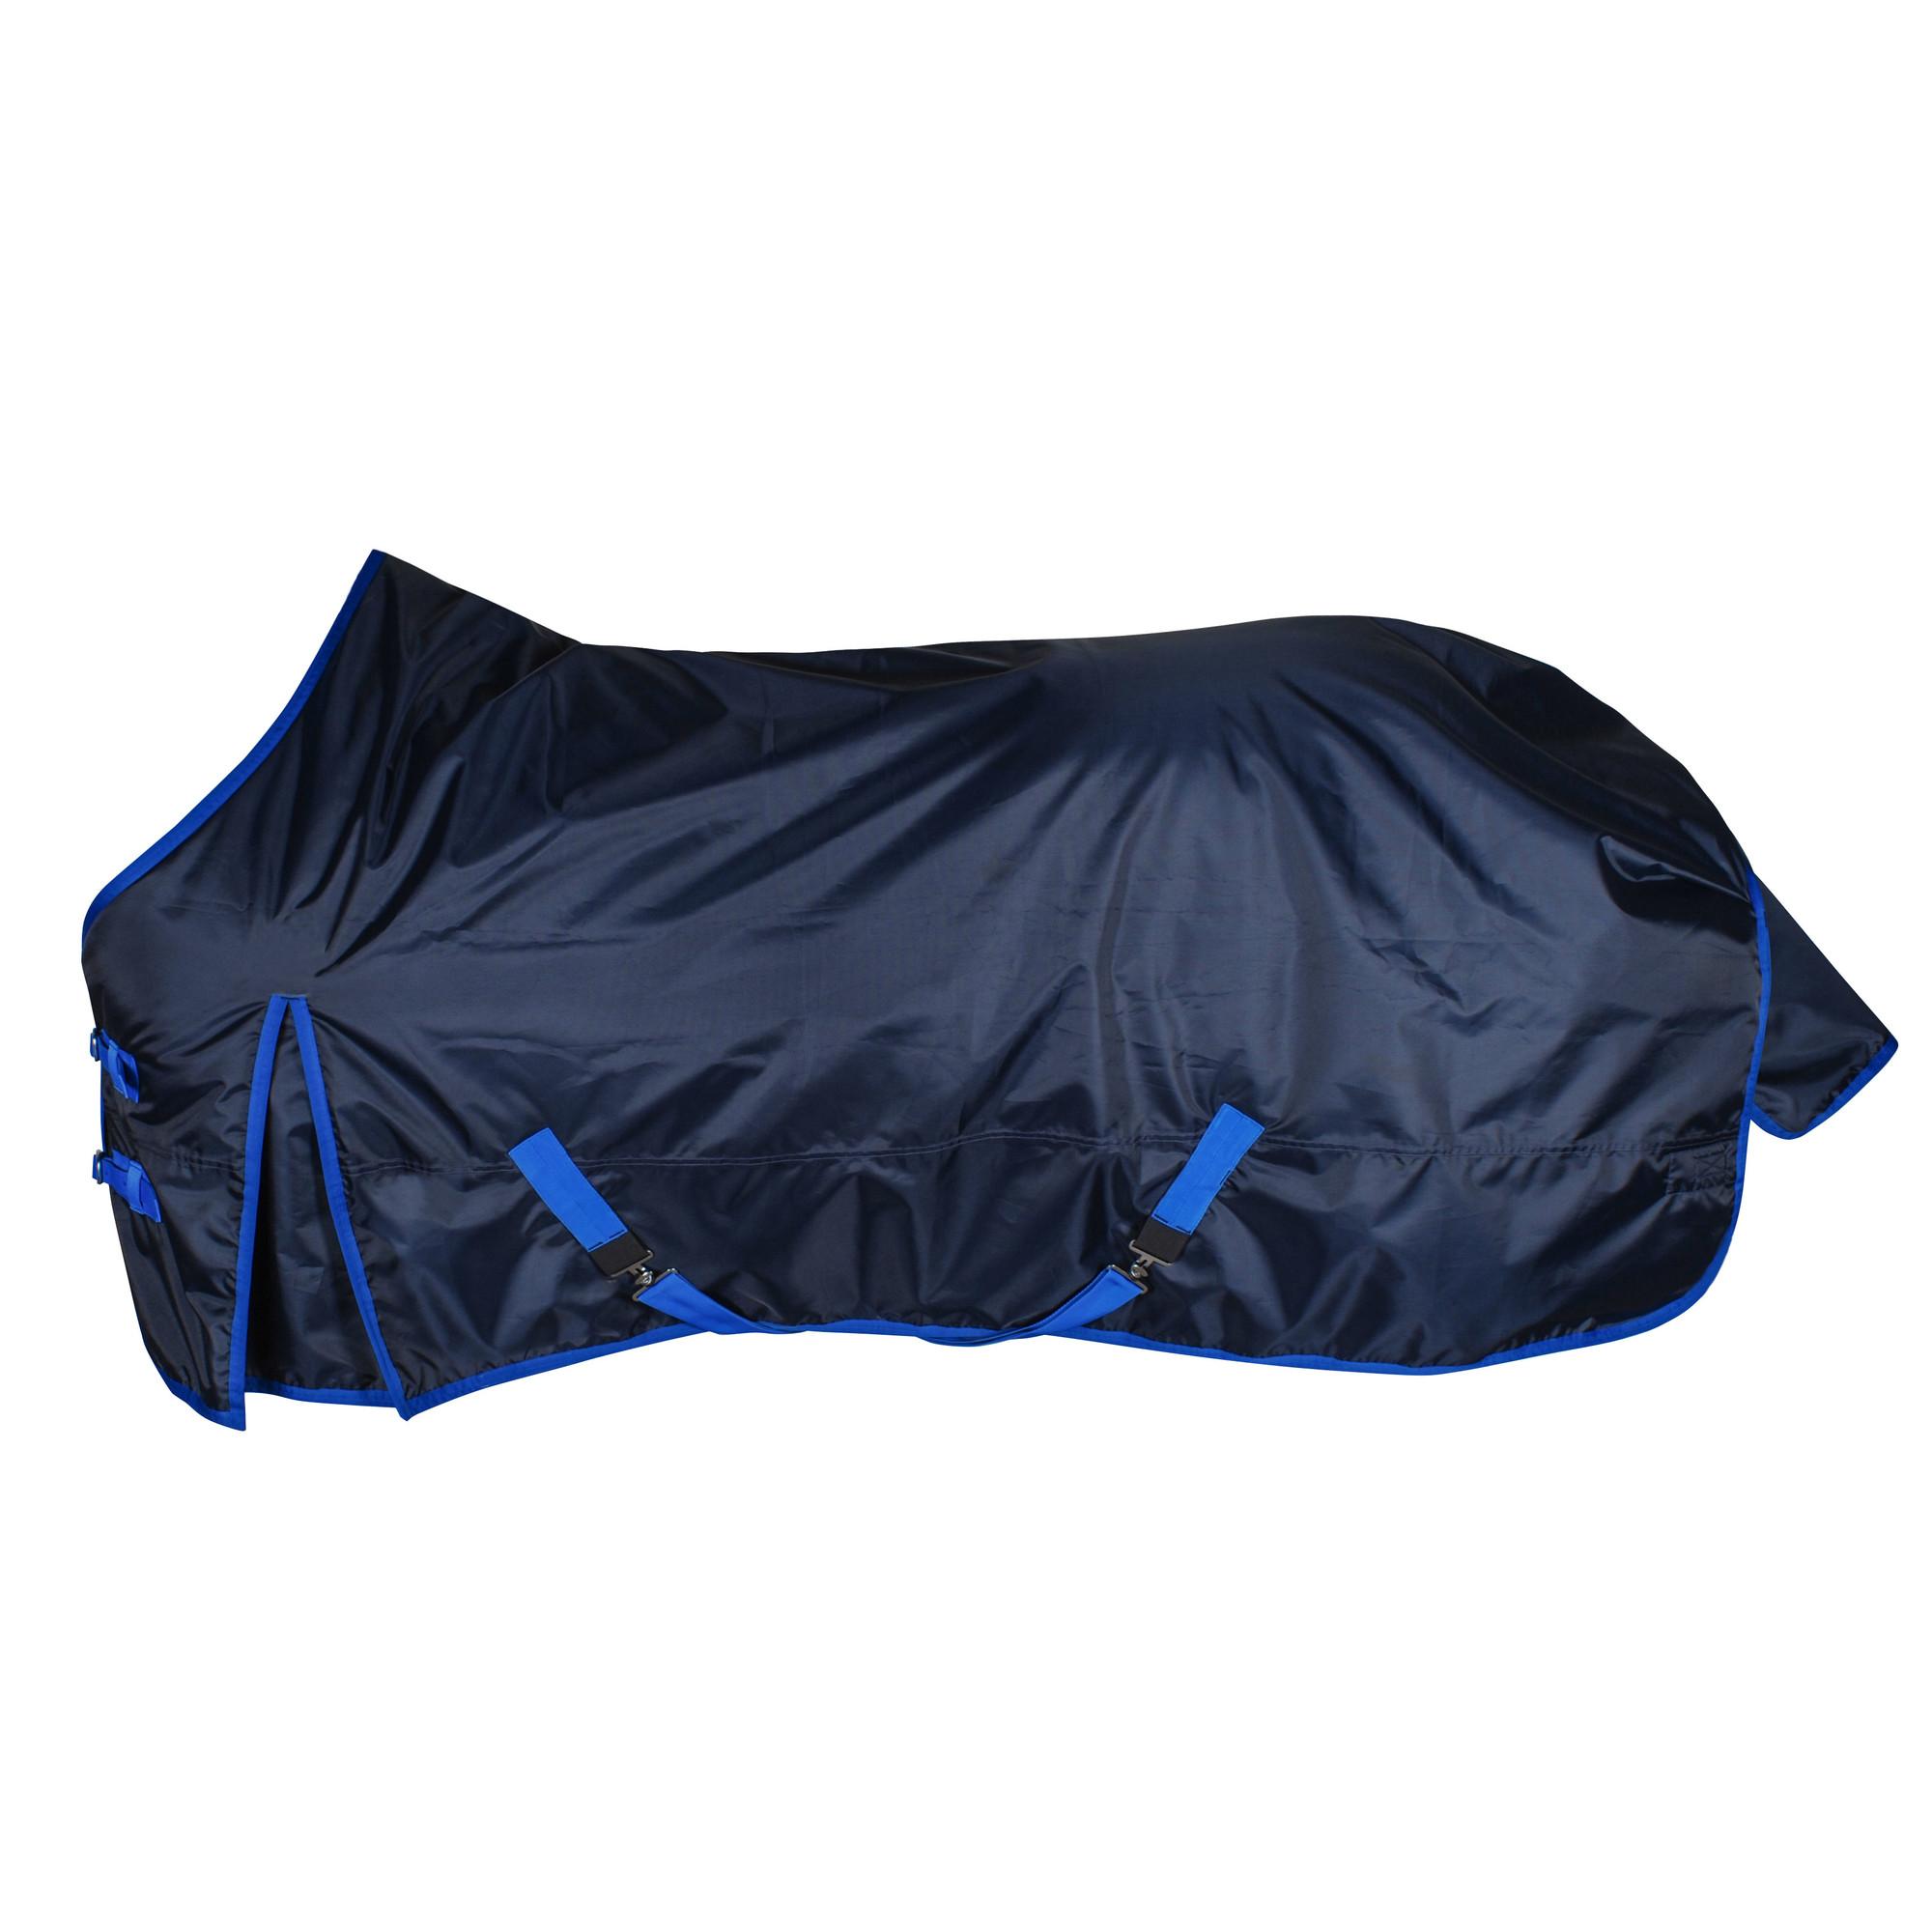 Budget Rider 200gr outdoordeken donkerblauw maat:215